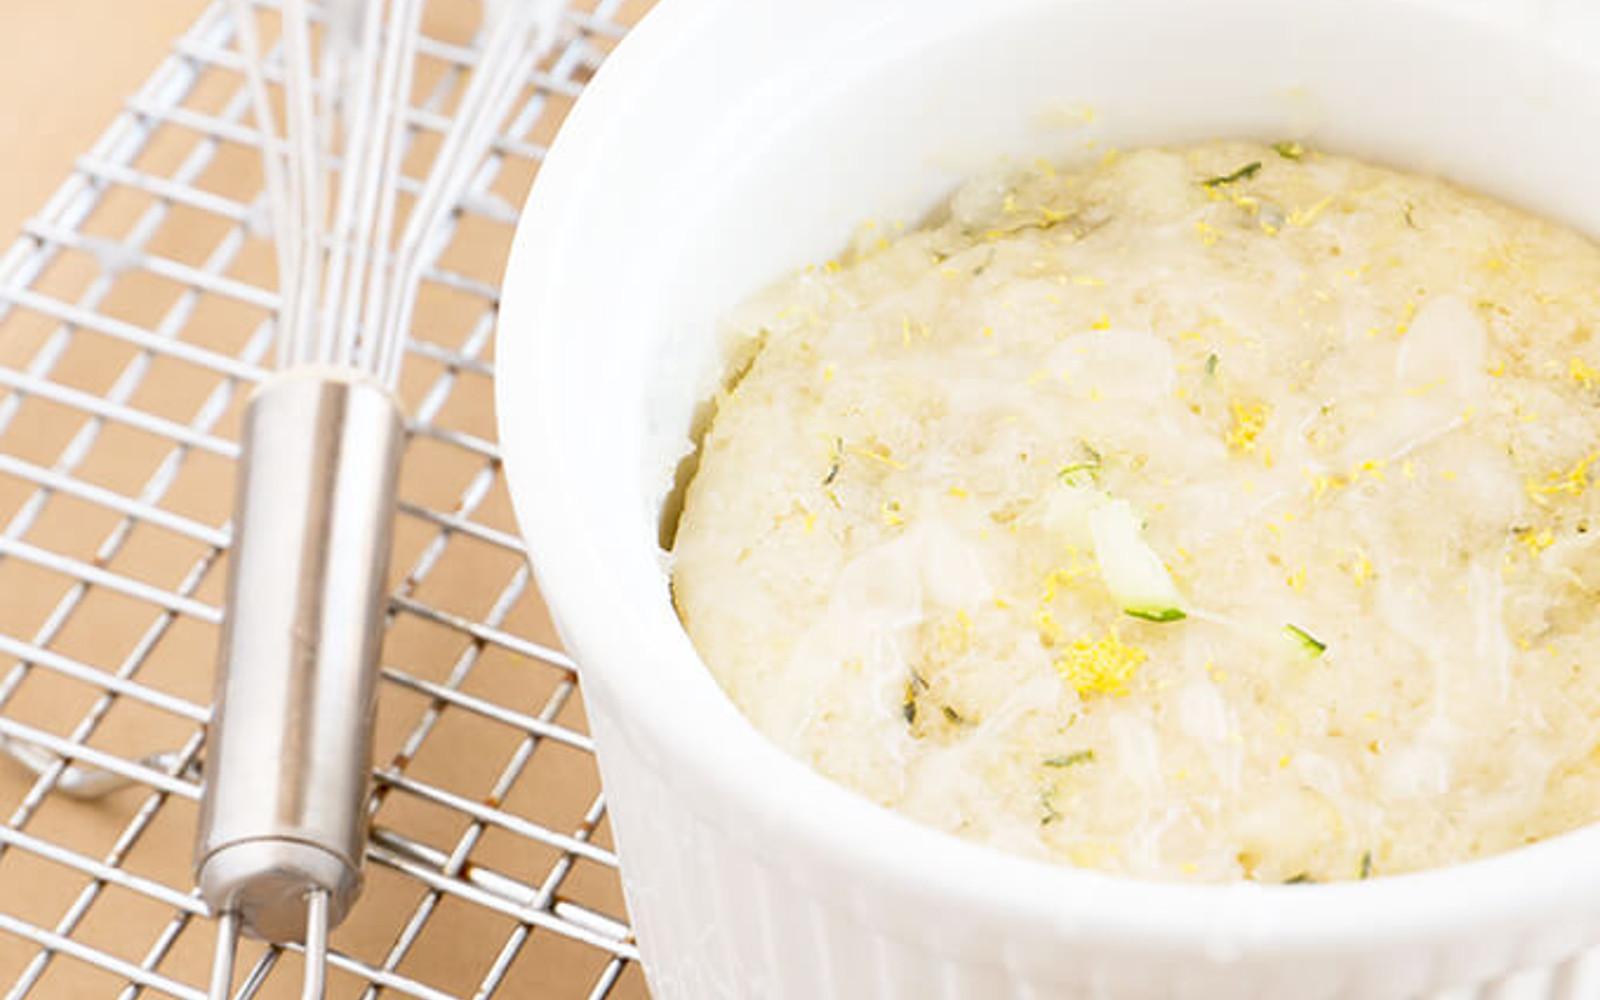 Vegan Lemon Zucchini Mug Cake